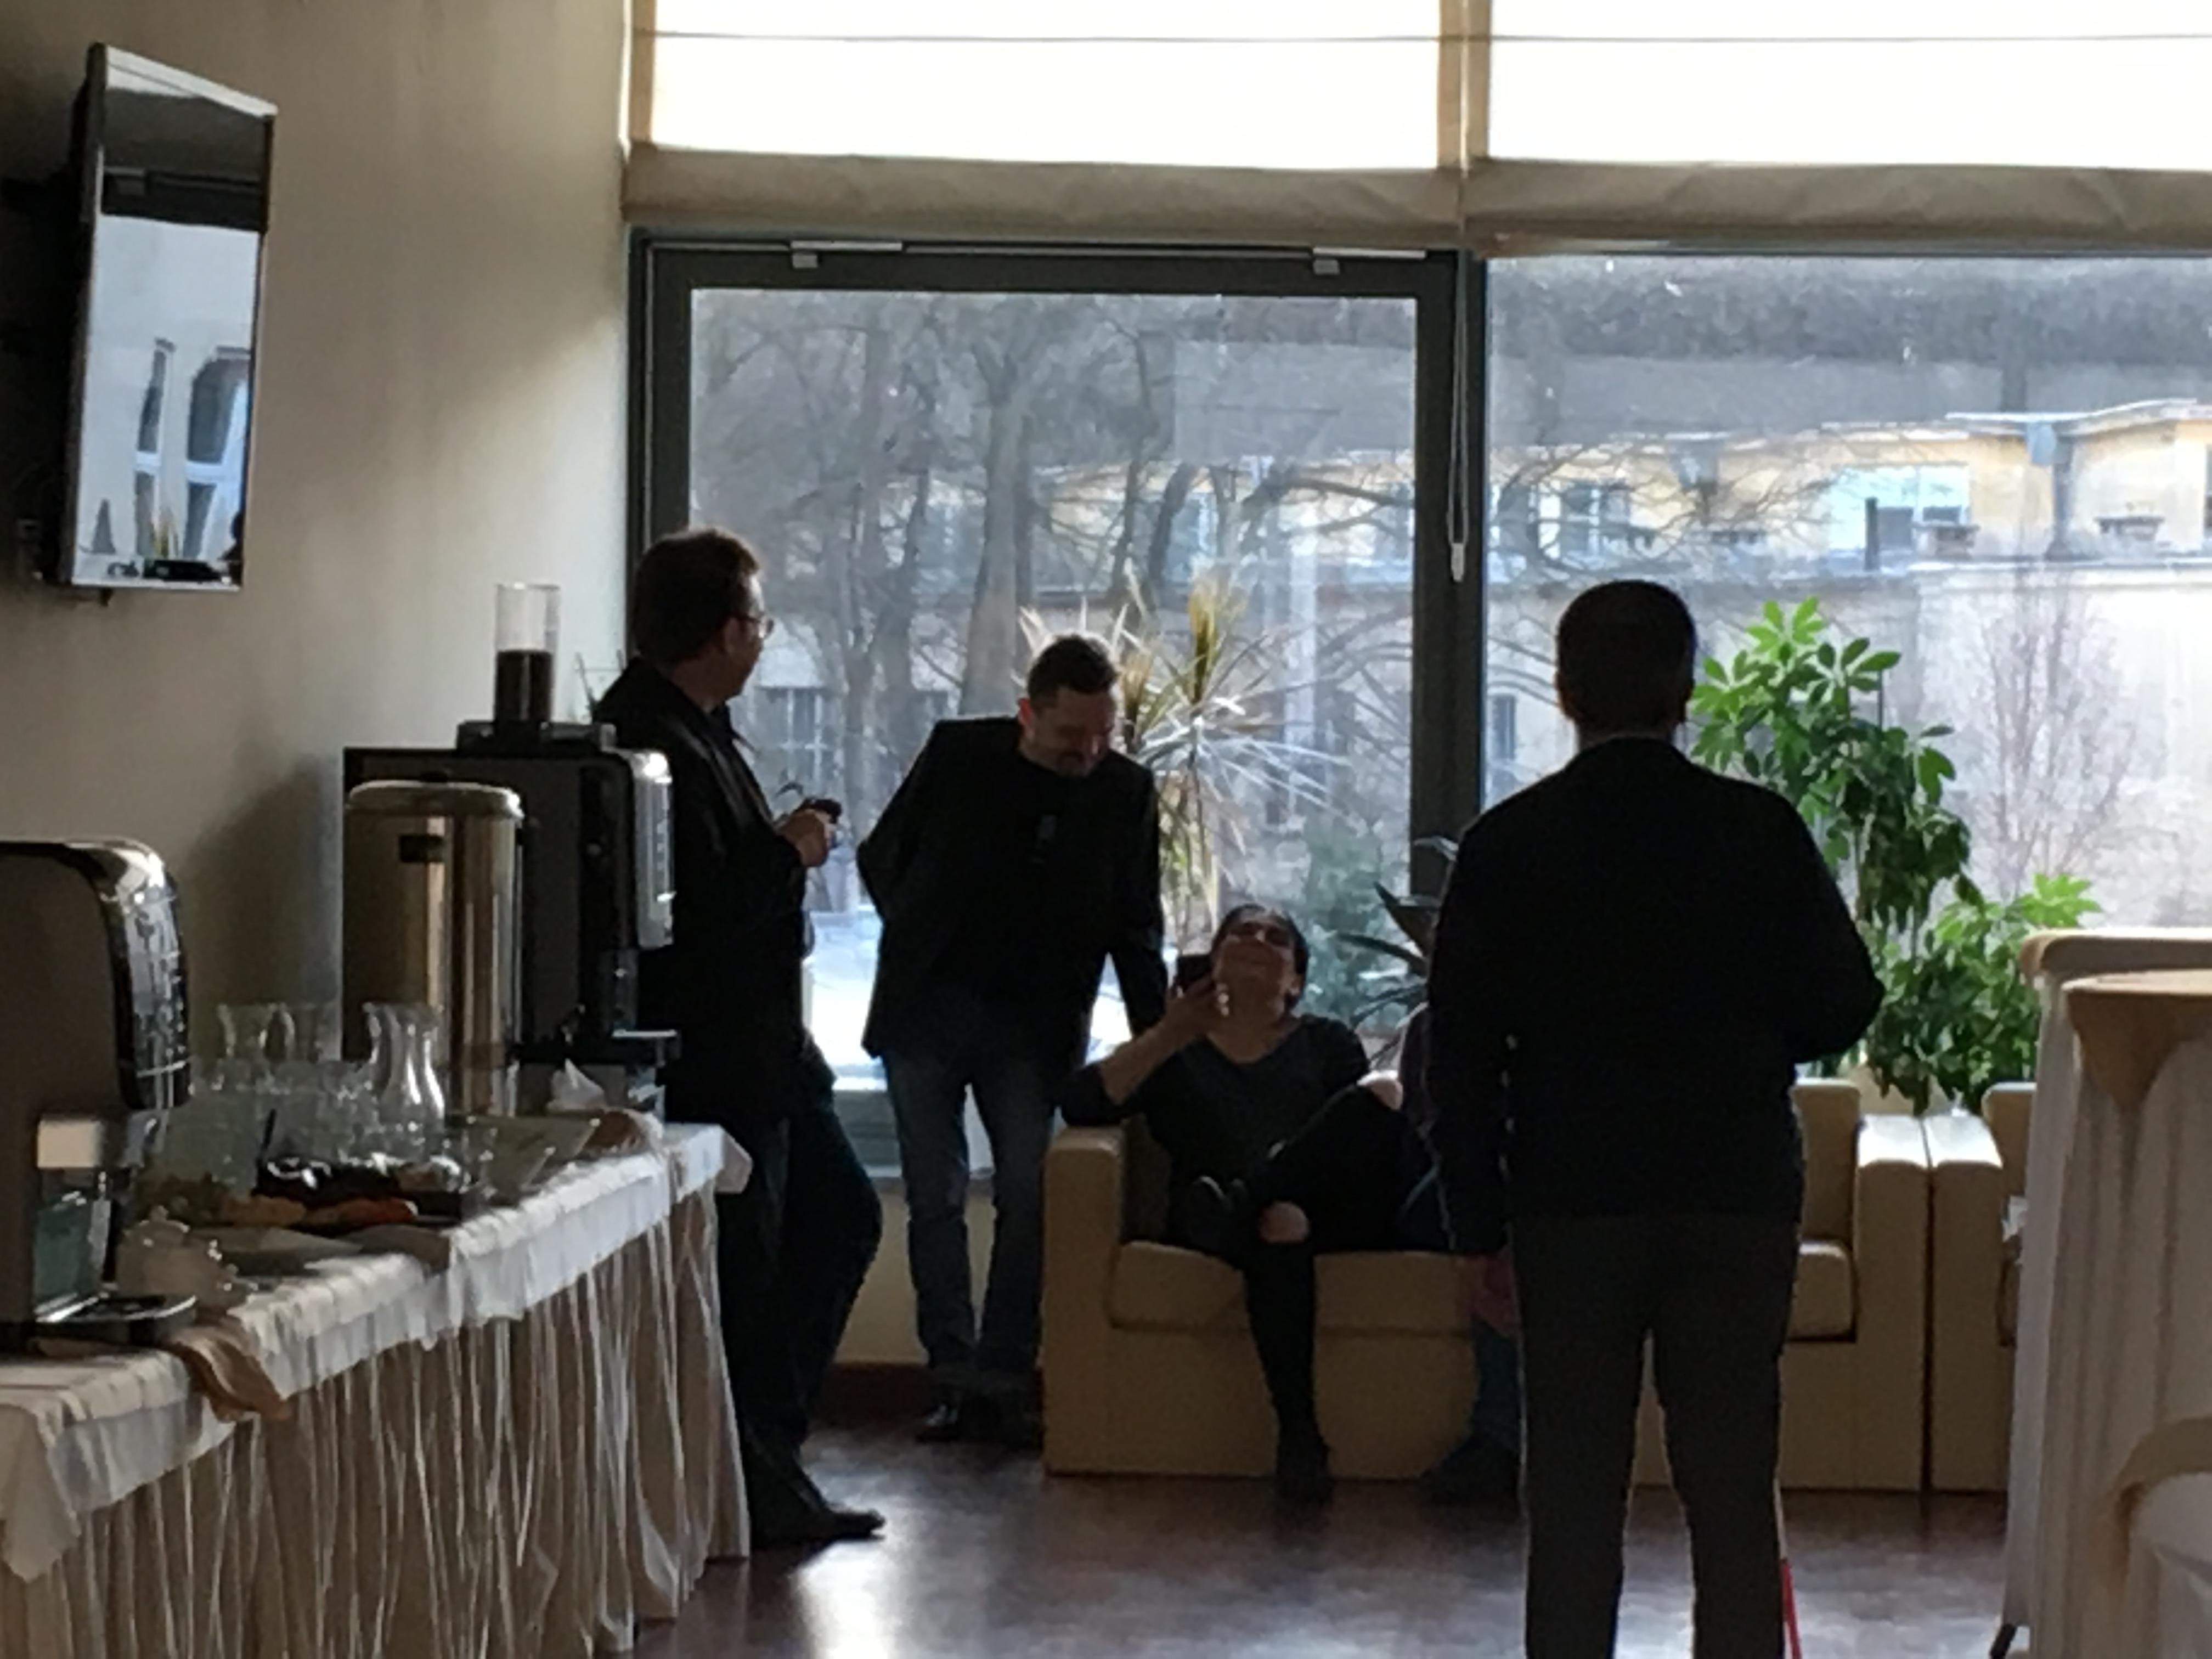 Trzej panowie w garniturach, stoją na tle dużego okna, obok na jasnej sofie siedzi pani uczestniczka zjazdu. Z prawej strony na parapecie stoją soczysto zielone rośliny w donicach, jedna duża i dwie mniejsze. Z lewej strony stół przykryty jasnym materiałem opadającym do podłogi, ustawiony wzdłuż ściany. Na stole expres do kawy, duży termos oraz zastawa z białymi filiżankami, talerzykami i przeźroczystymi szklankami.